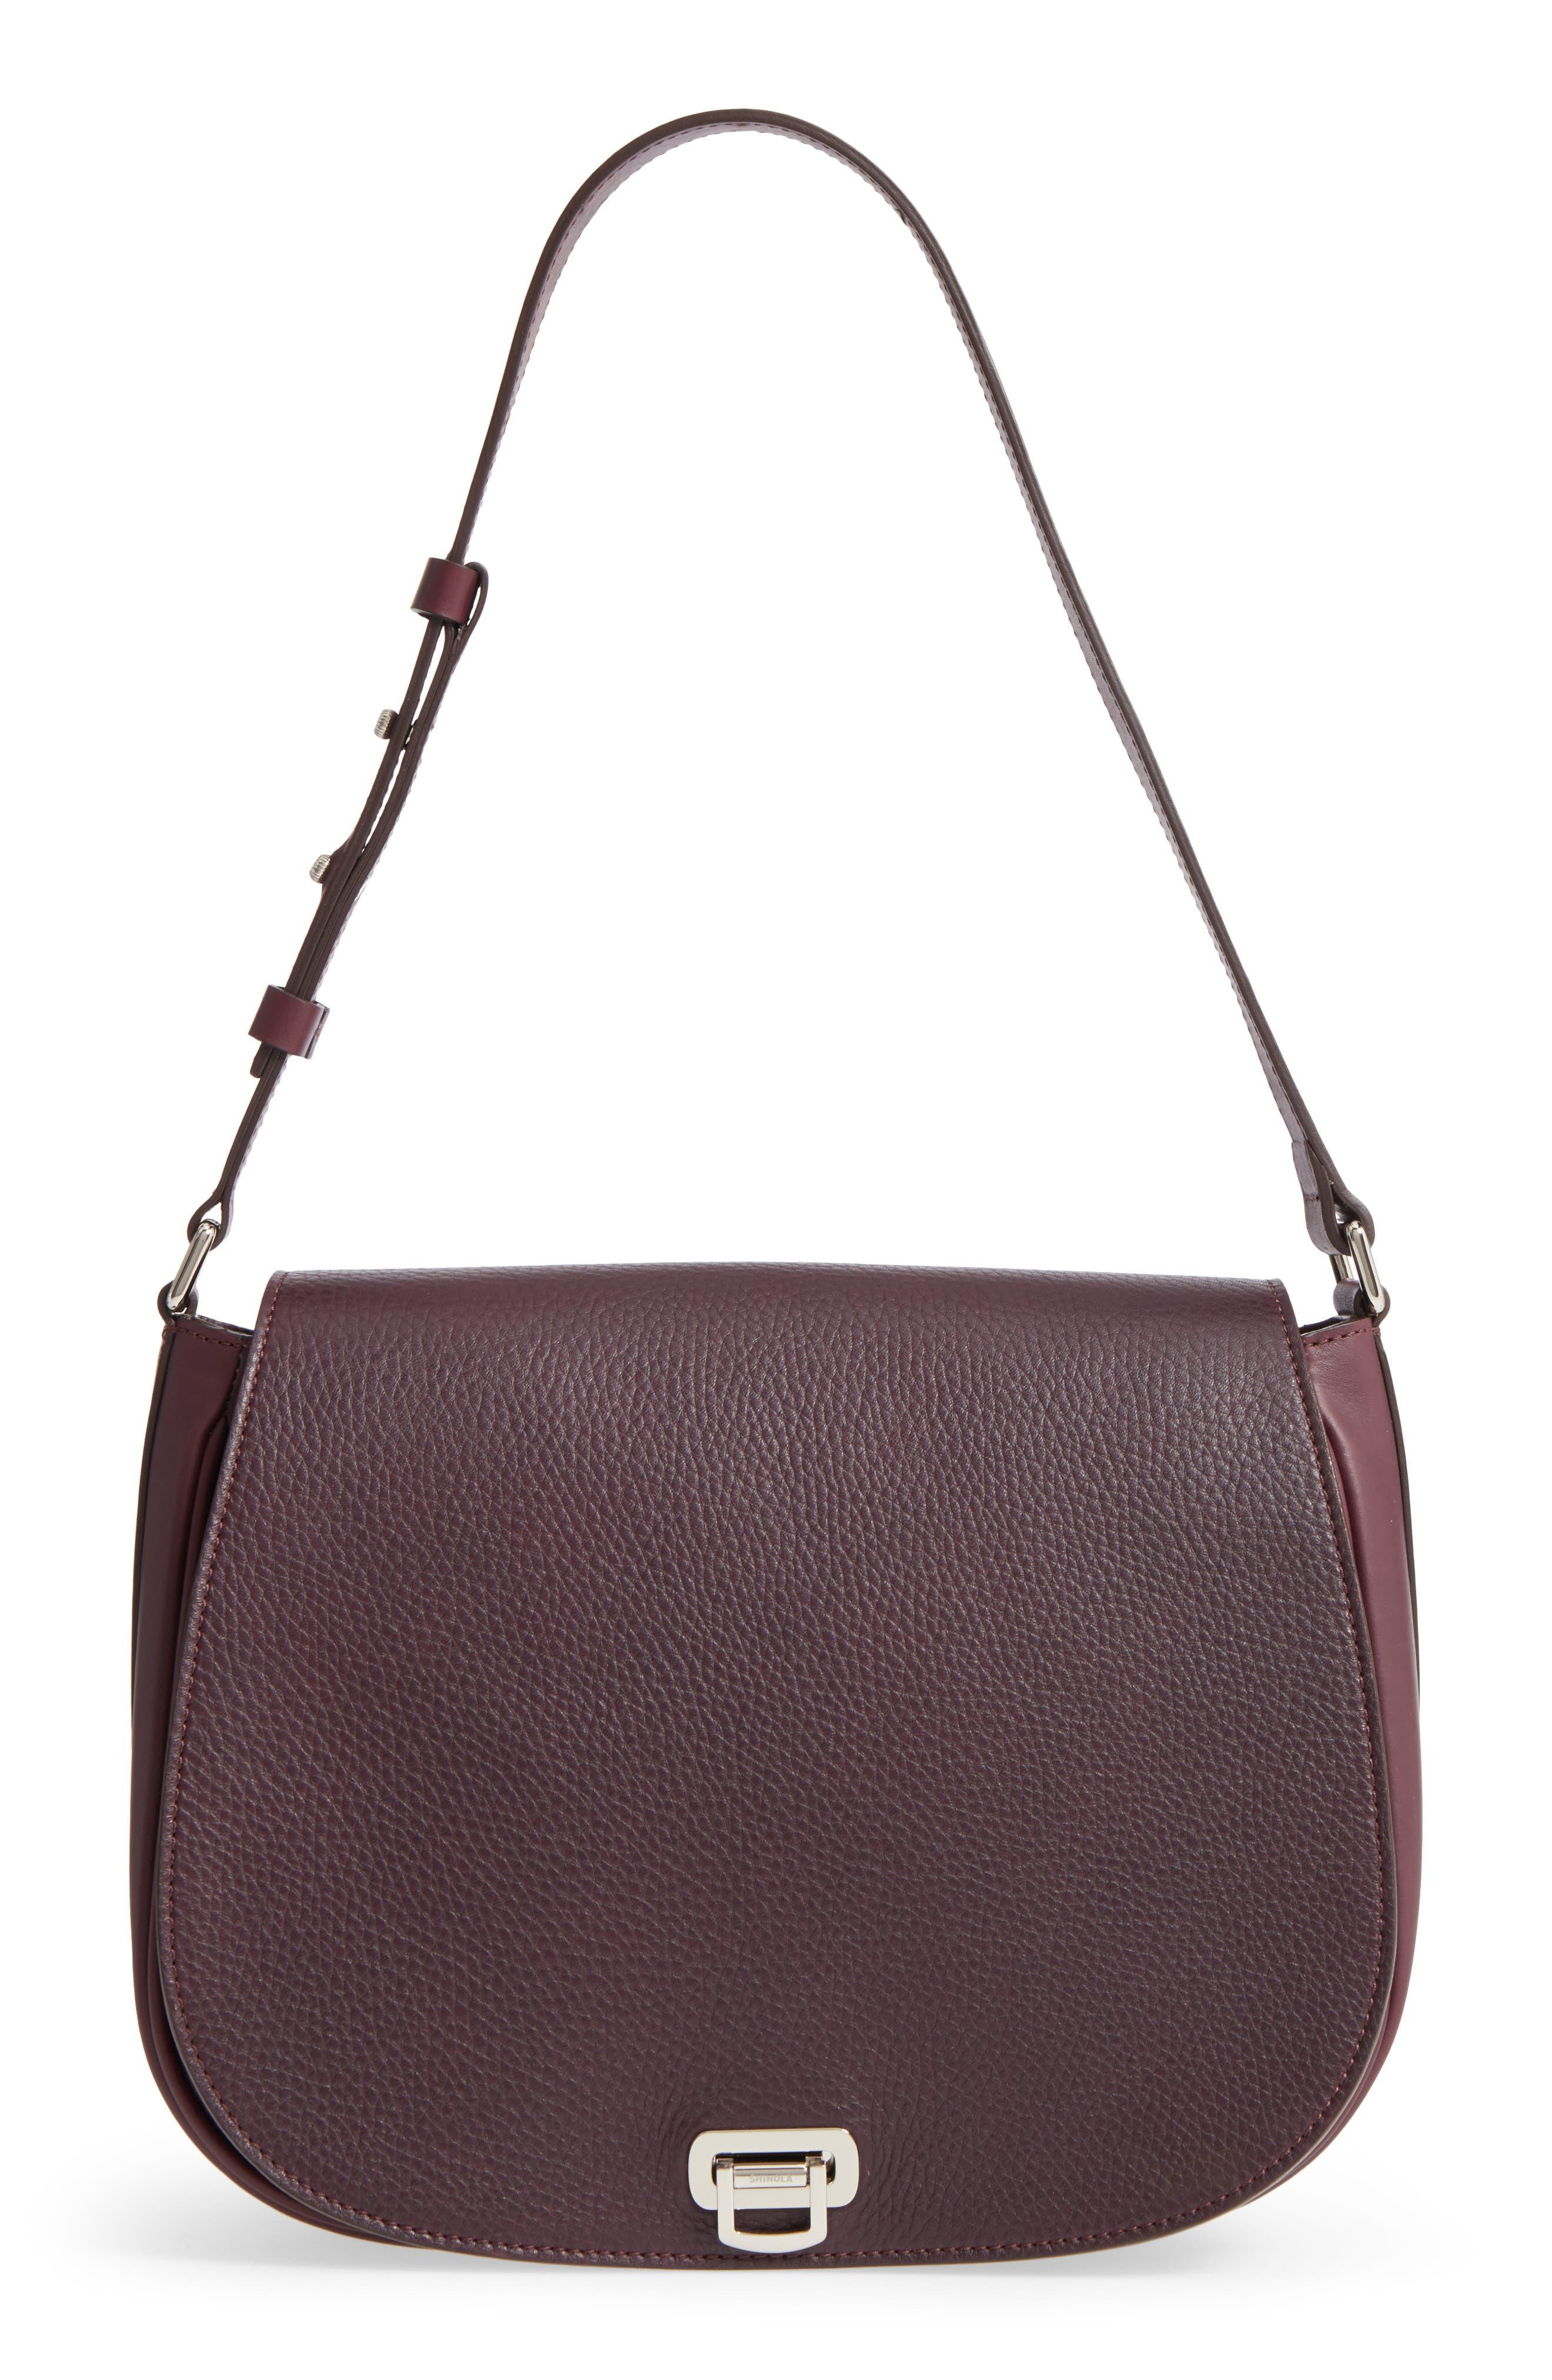 Alternate Image 1 Selected - Shinola Calfskin Leather Shoulder Bag